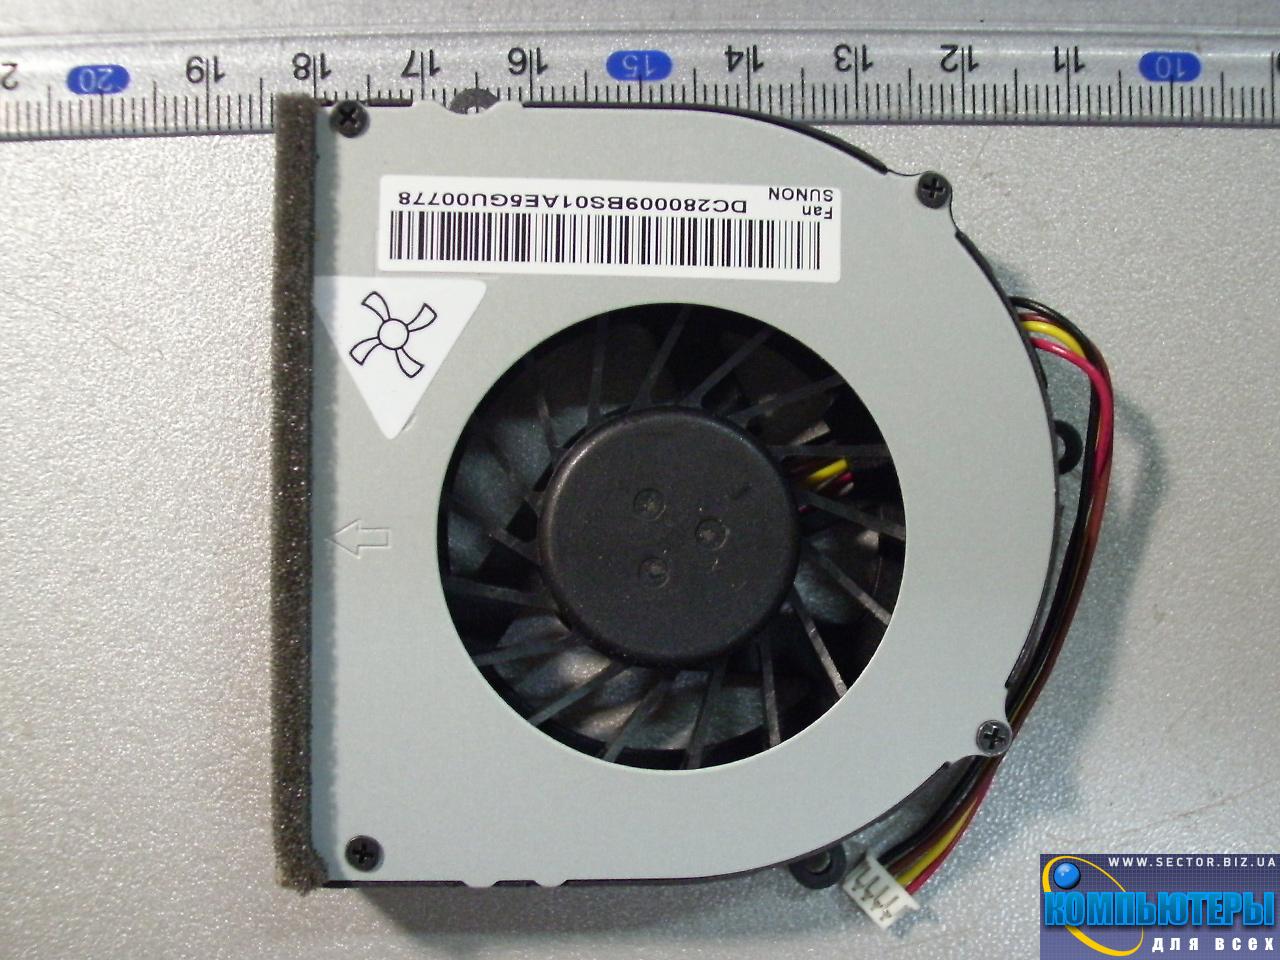 Кулер к ноутбуку Lenovo G470 G470A G470AH G475 G475A G474GL G470AL G570 G575 p/n: MG60120V1-C030-S99. Фото № 4.